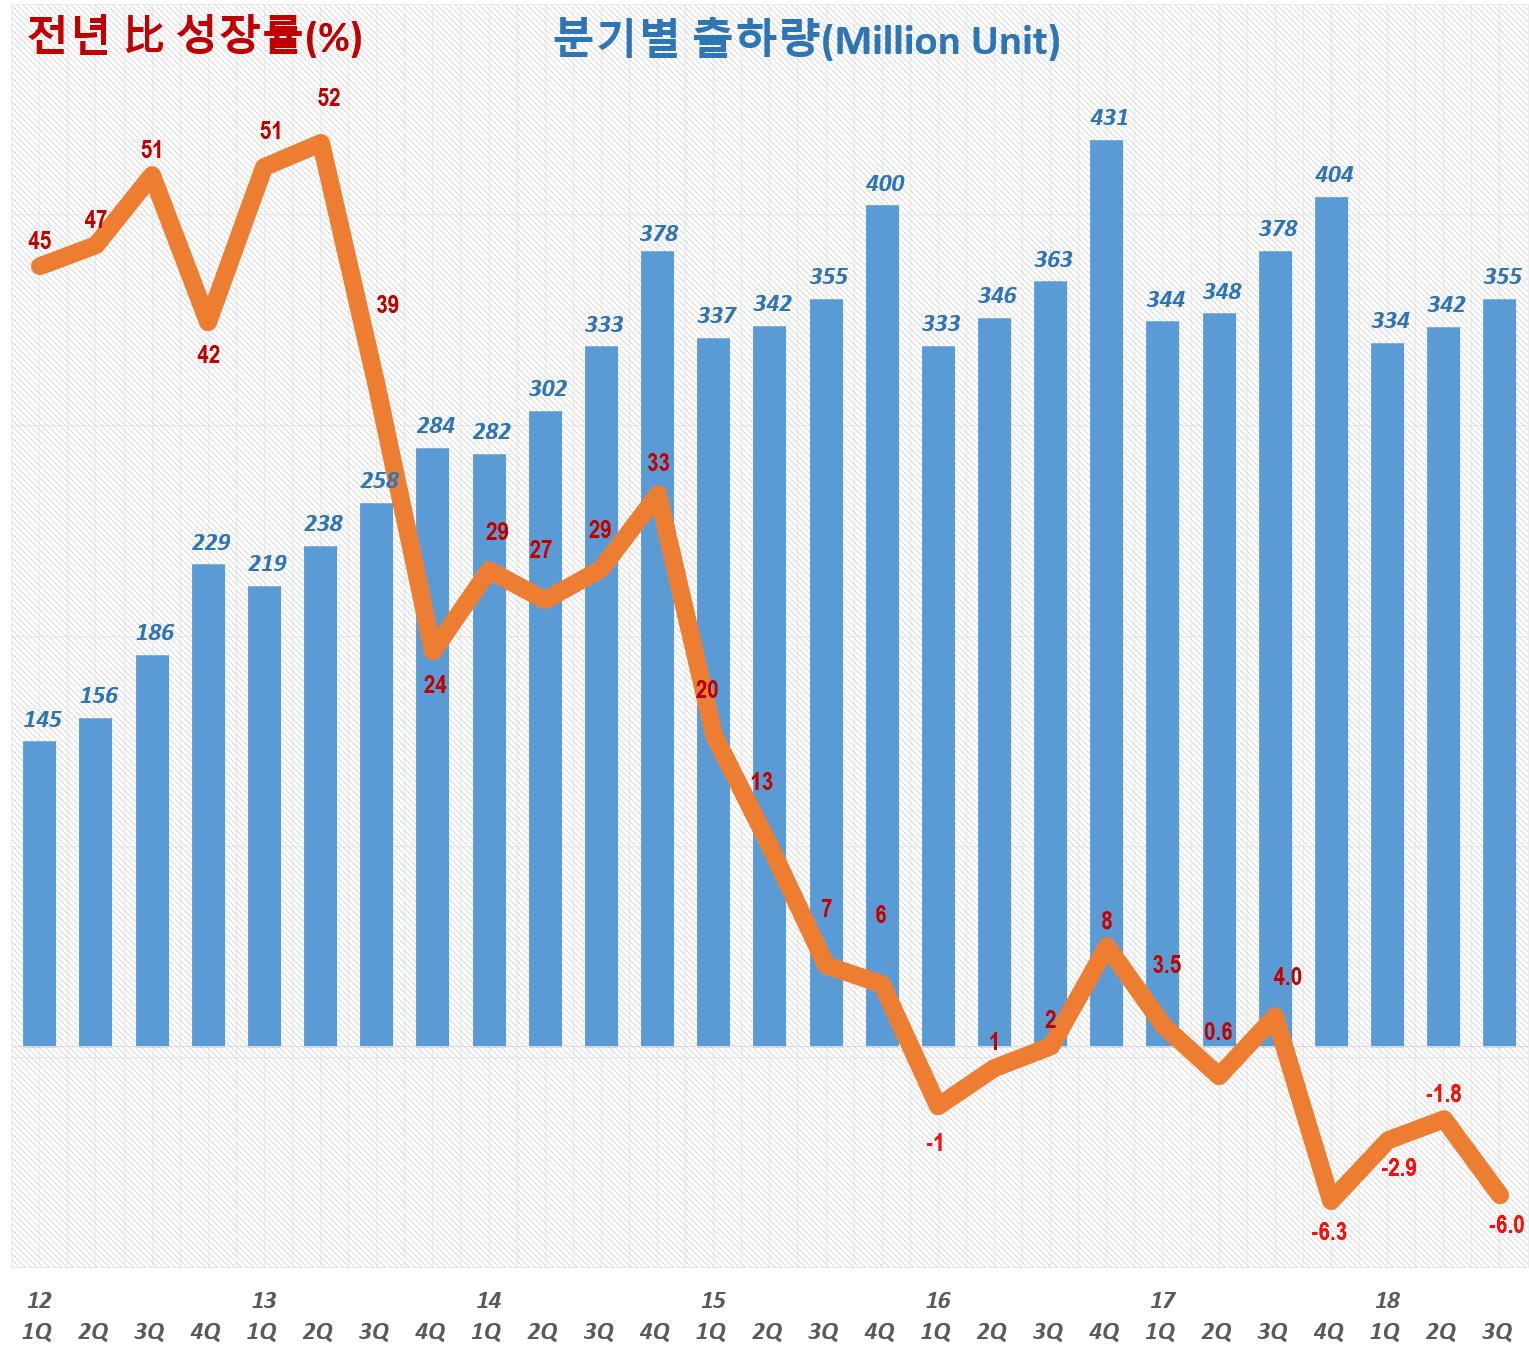 스마트폰 출하량 추이(2012년 1분기 ~ 2018년 3분기). Data Source - IDC, Graph by Happist